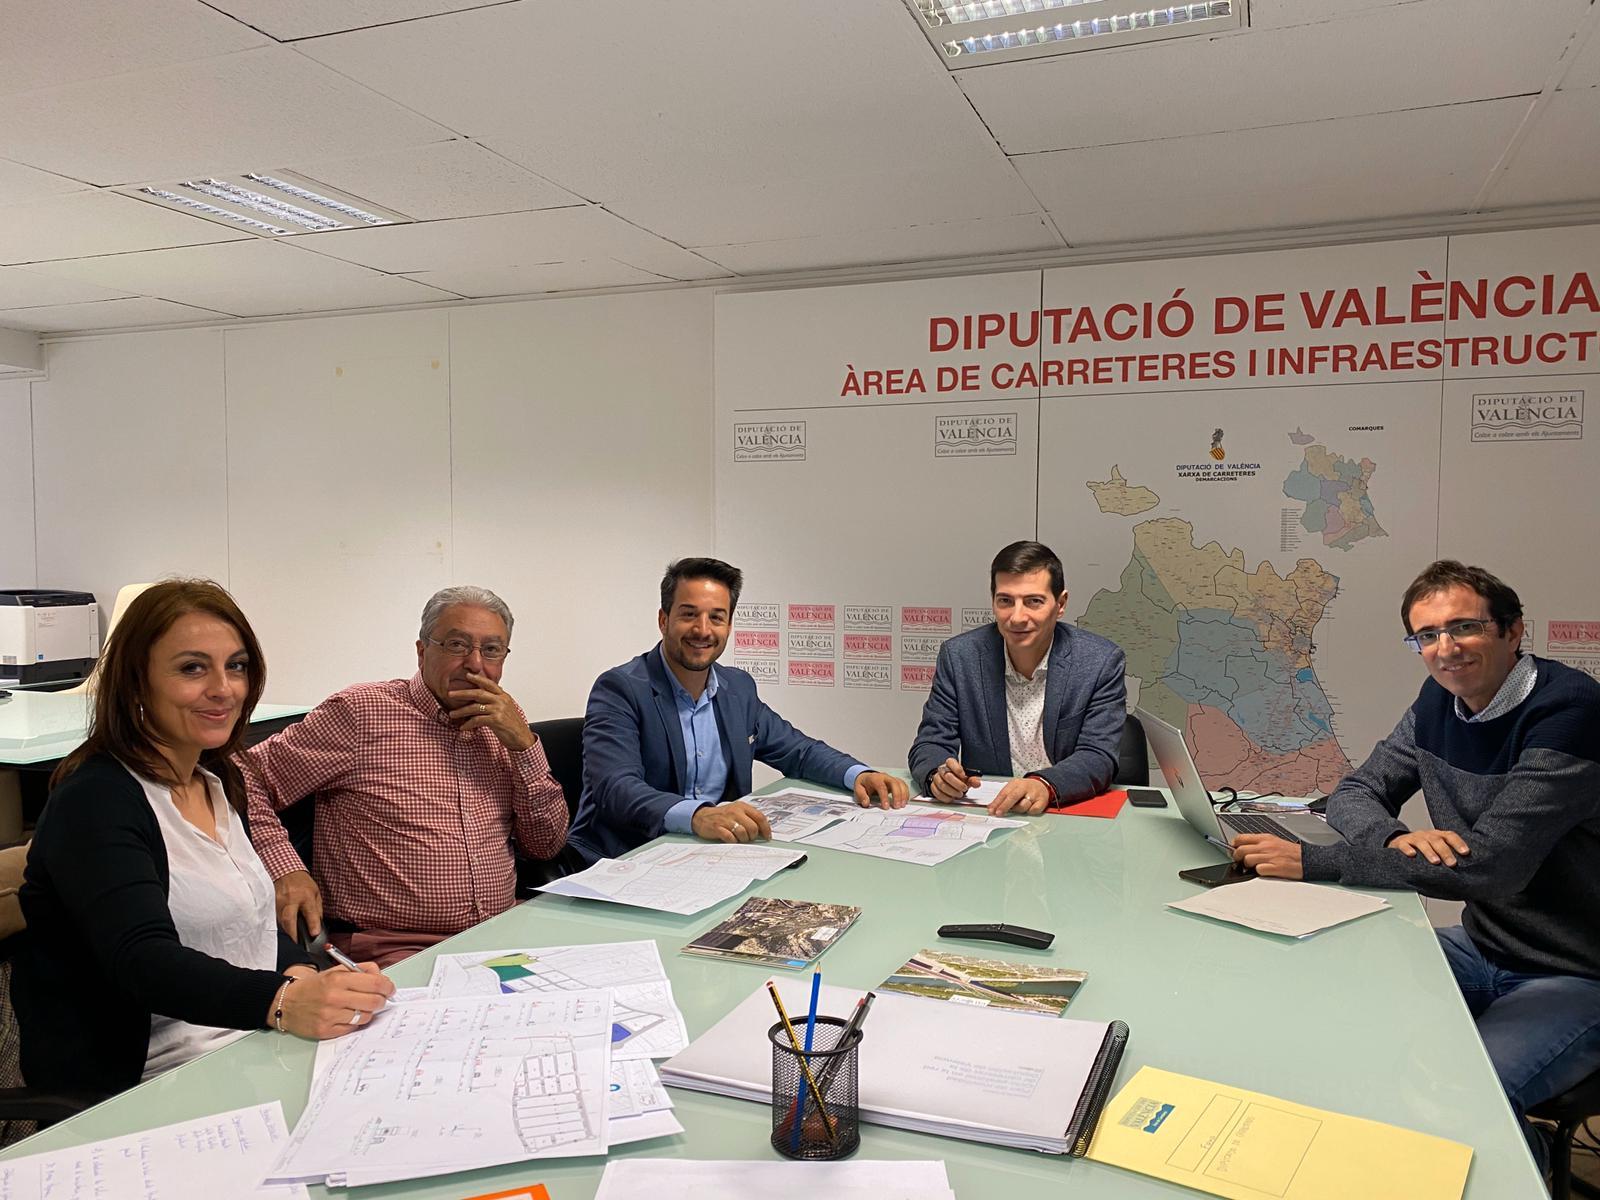 El Ayuntamiento mantiene una reunión con el diputado de Carreteras para estudiar la mejora de los accesos al municipio y al área industrial